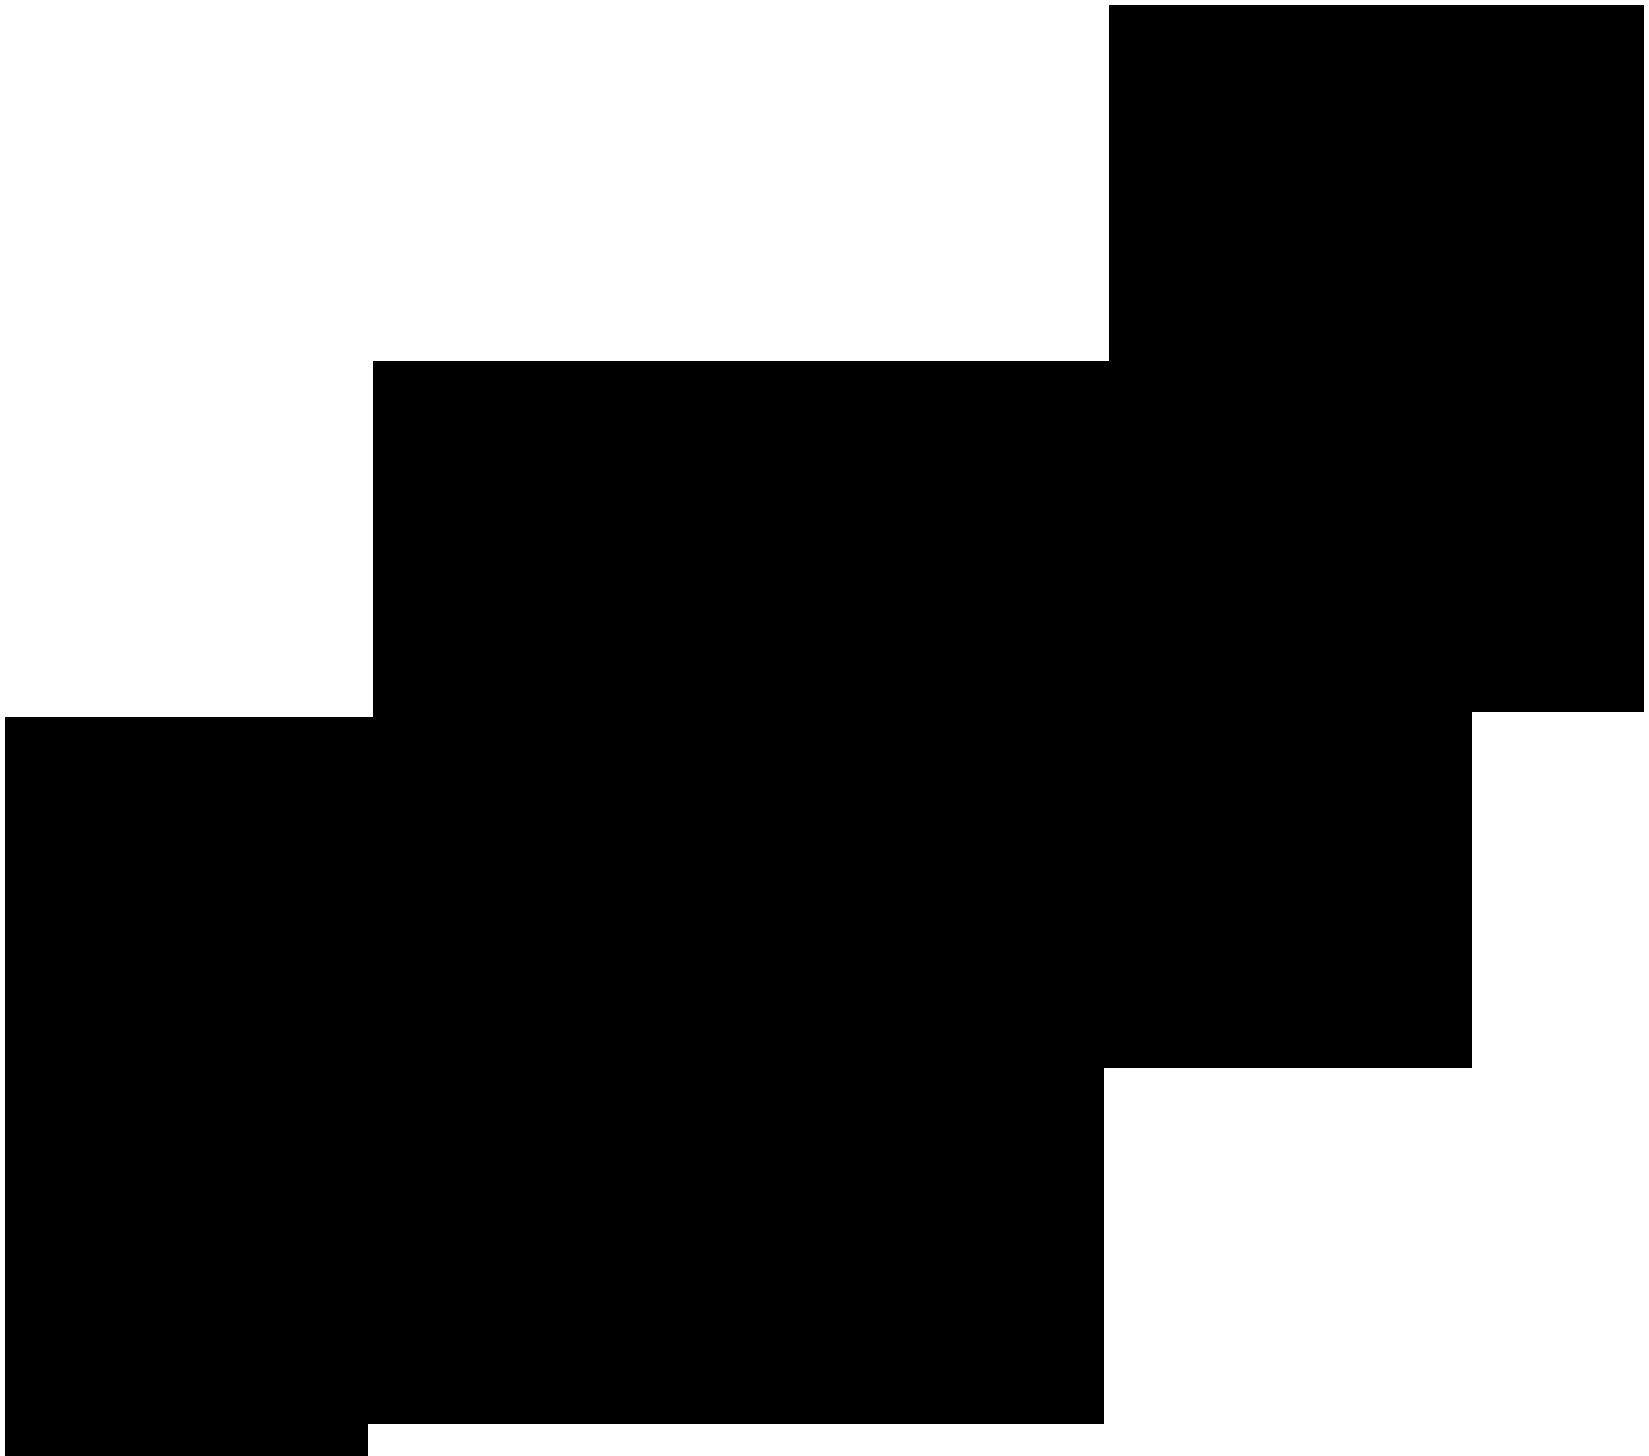 Appreciation Creative logo arrow